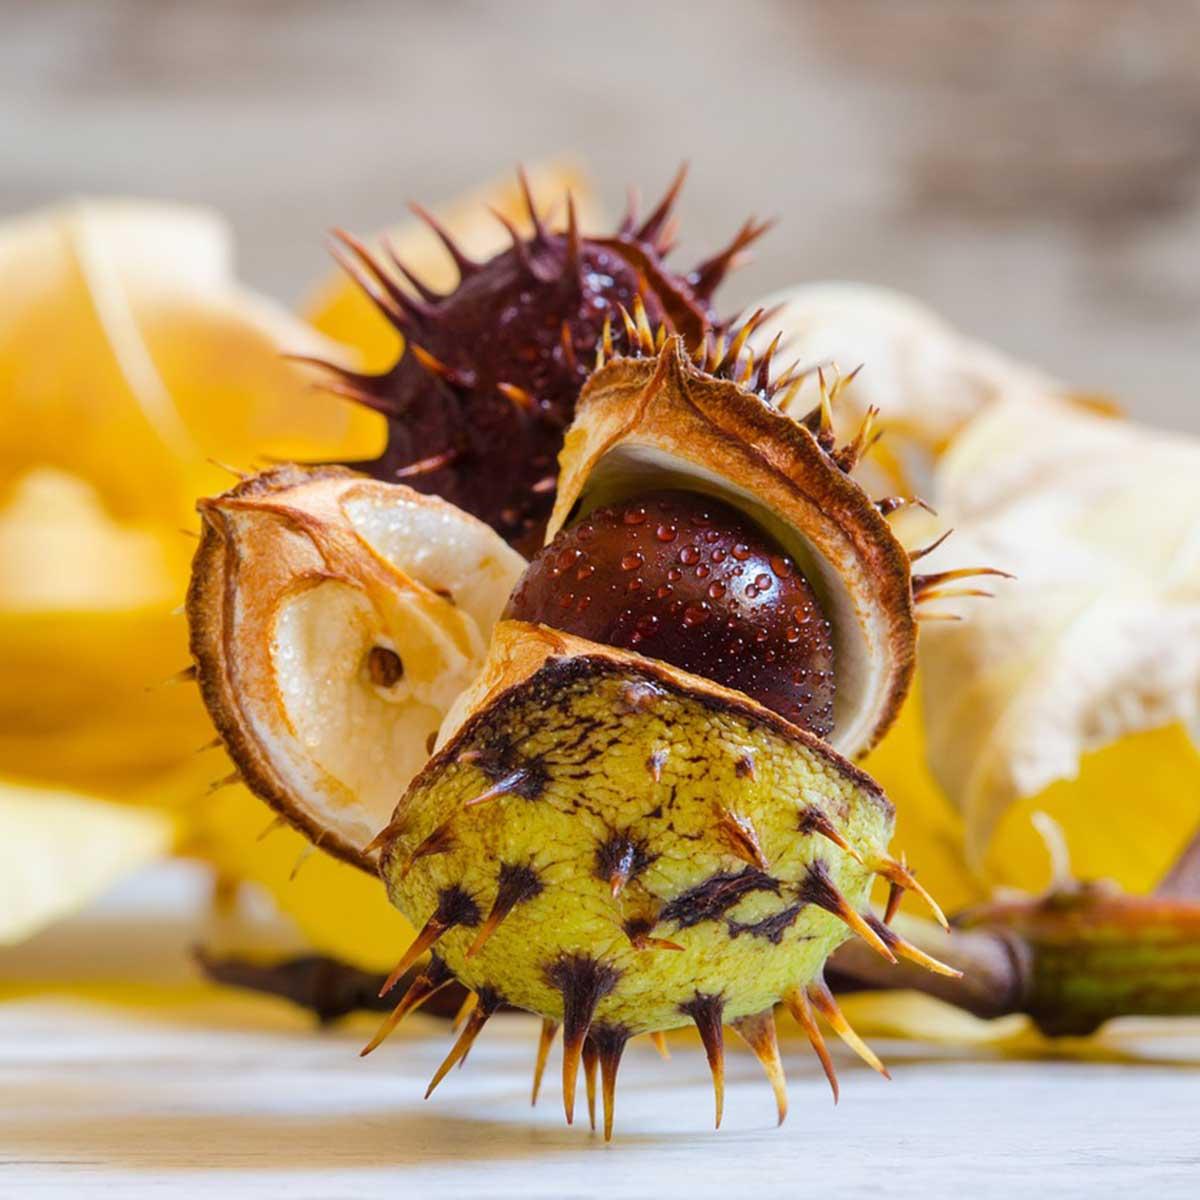 Jardín en temporada de otoño: 10 tareas claves para su cuidado - Cosecha de semillas